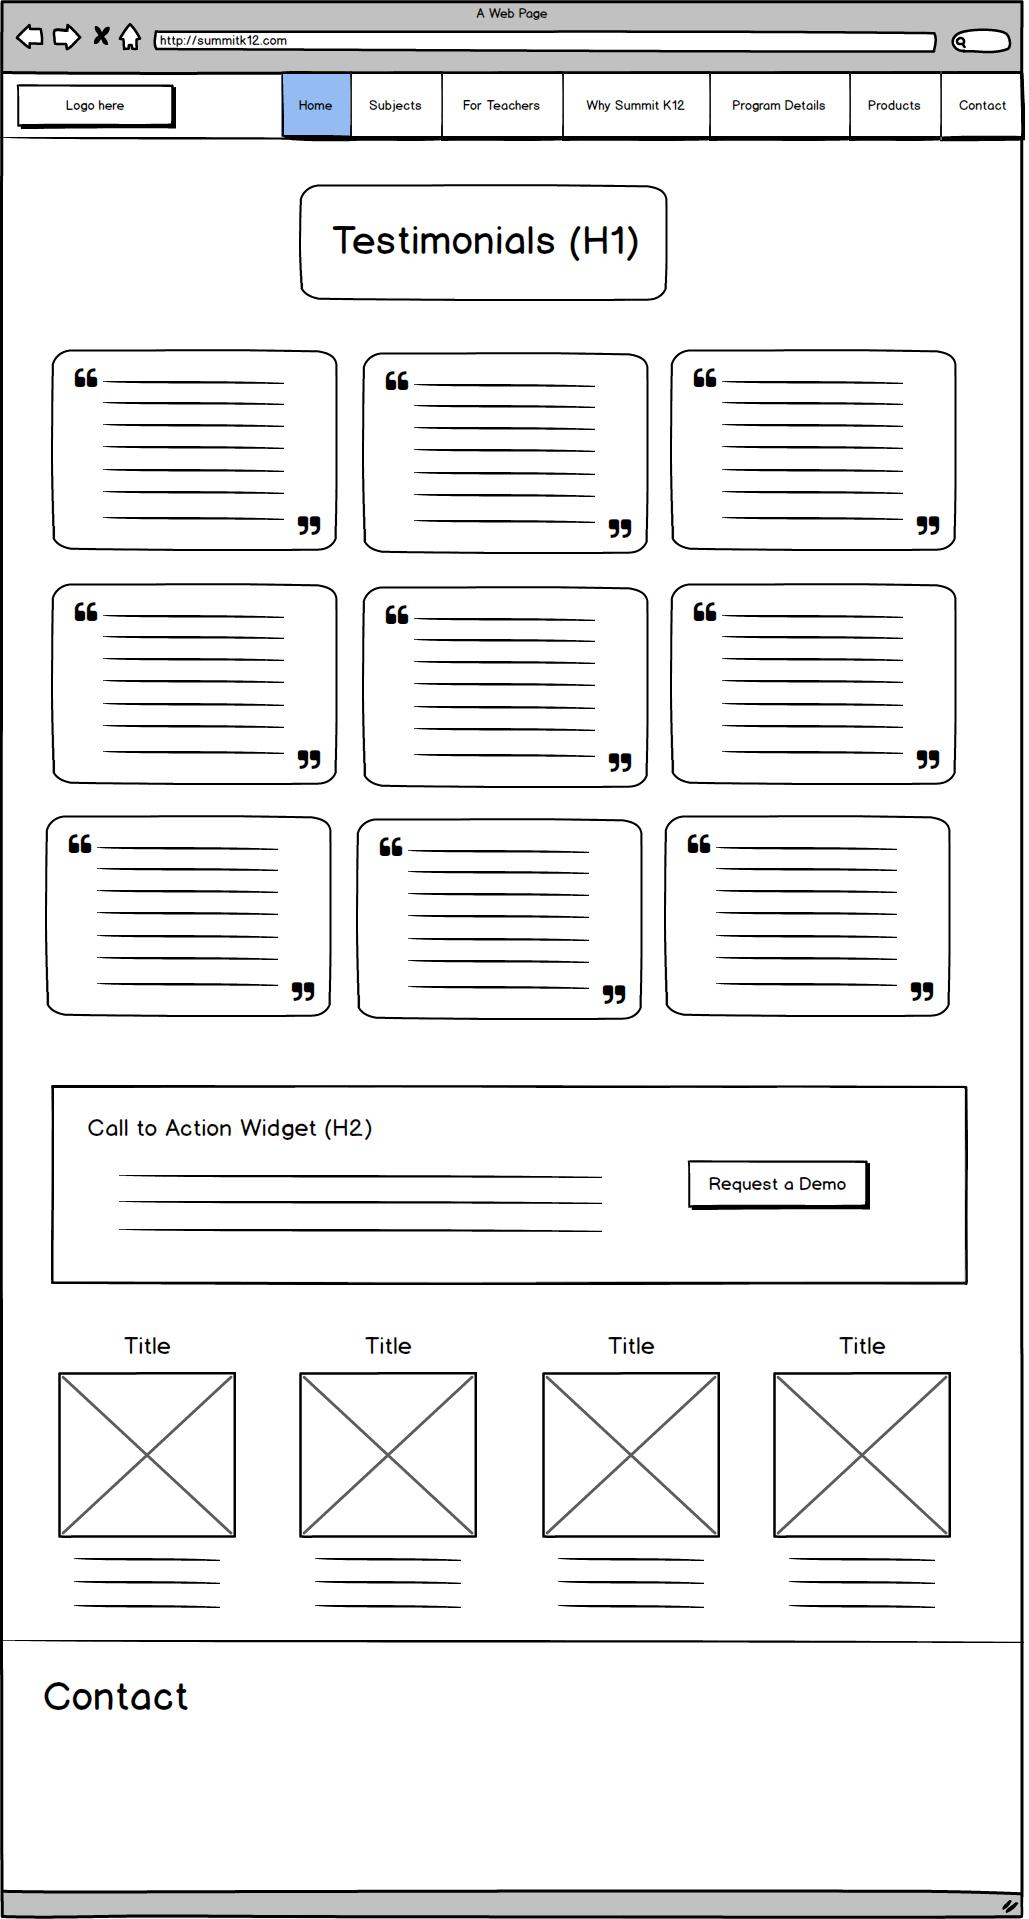 testimonials-page - summkit k12